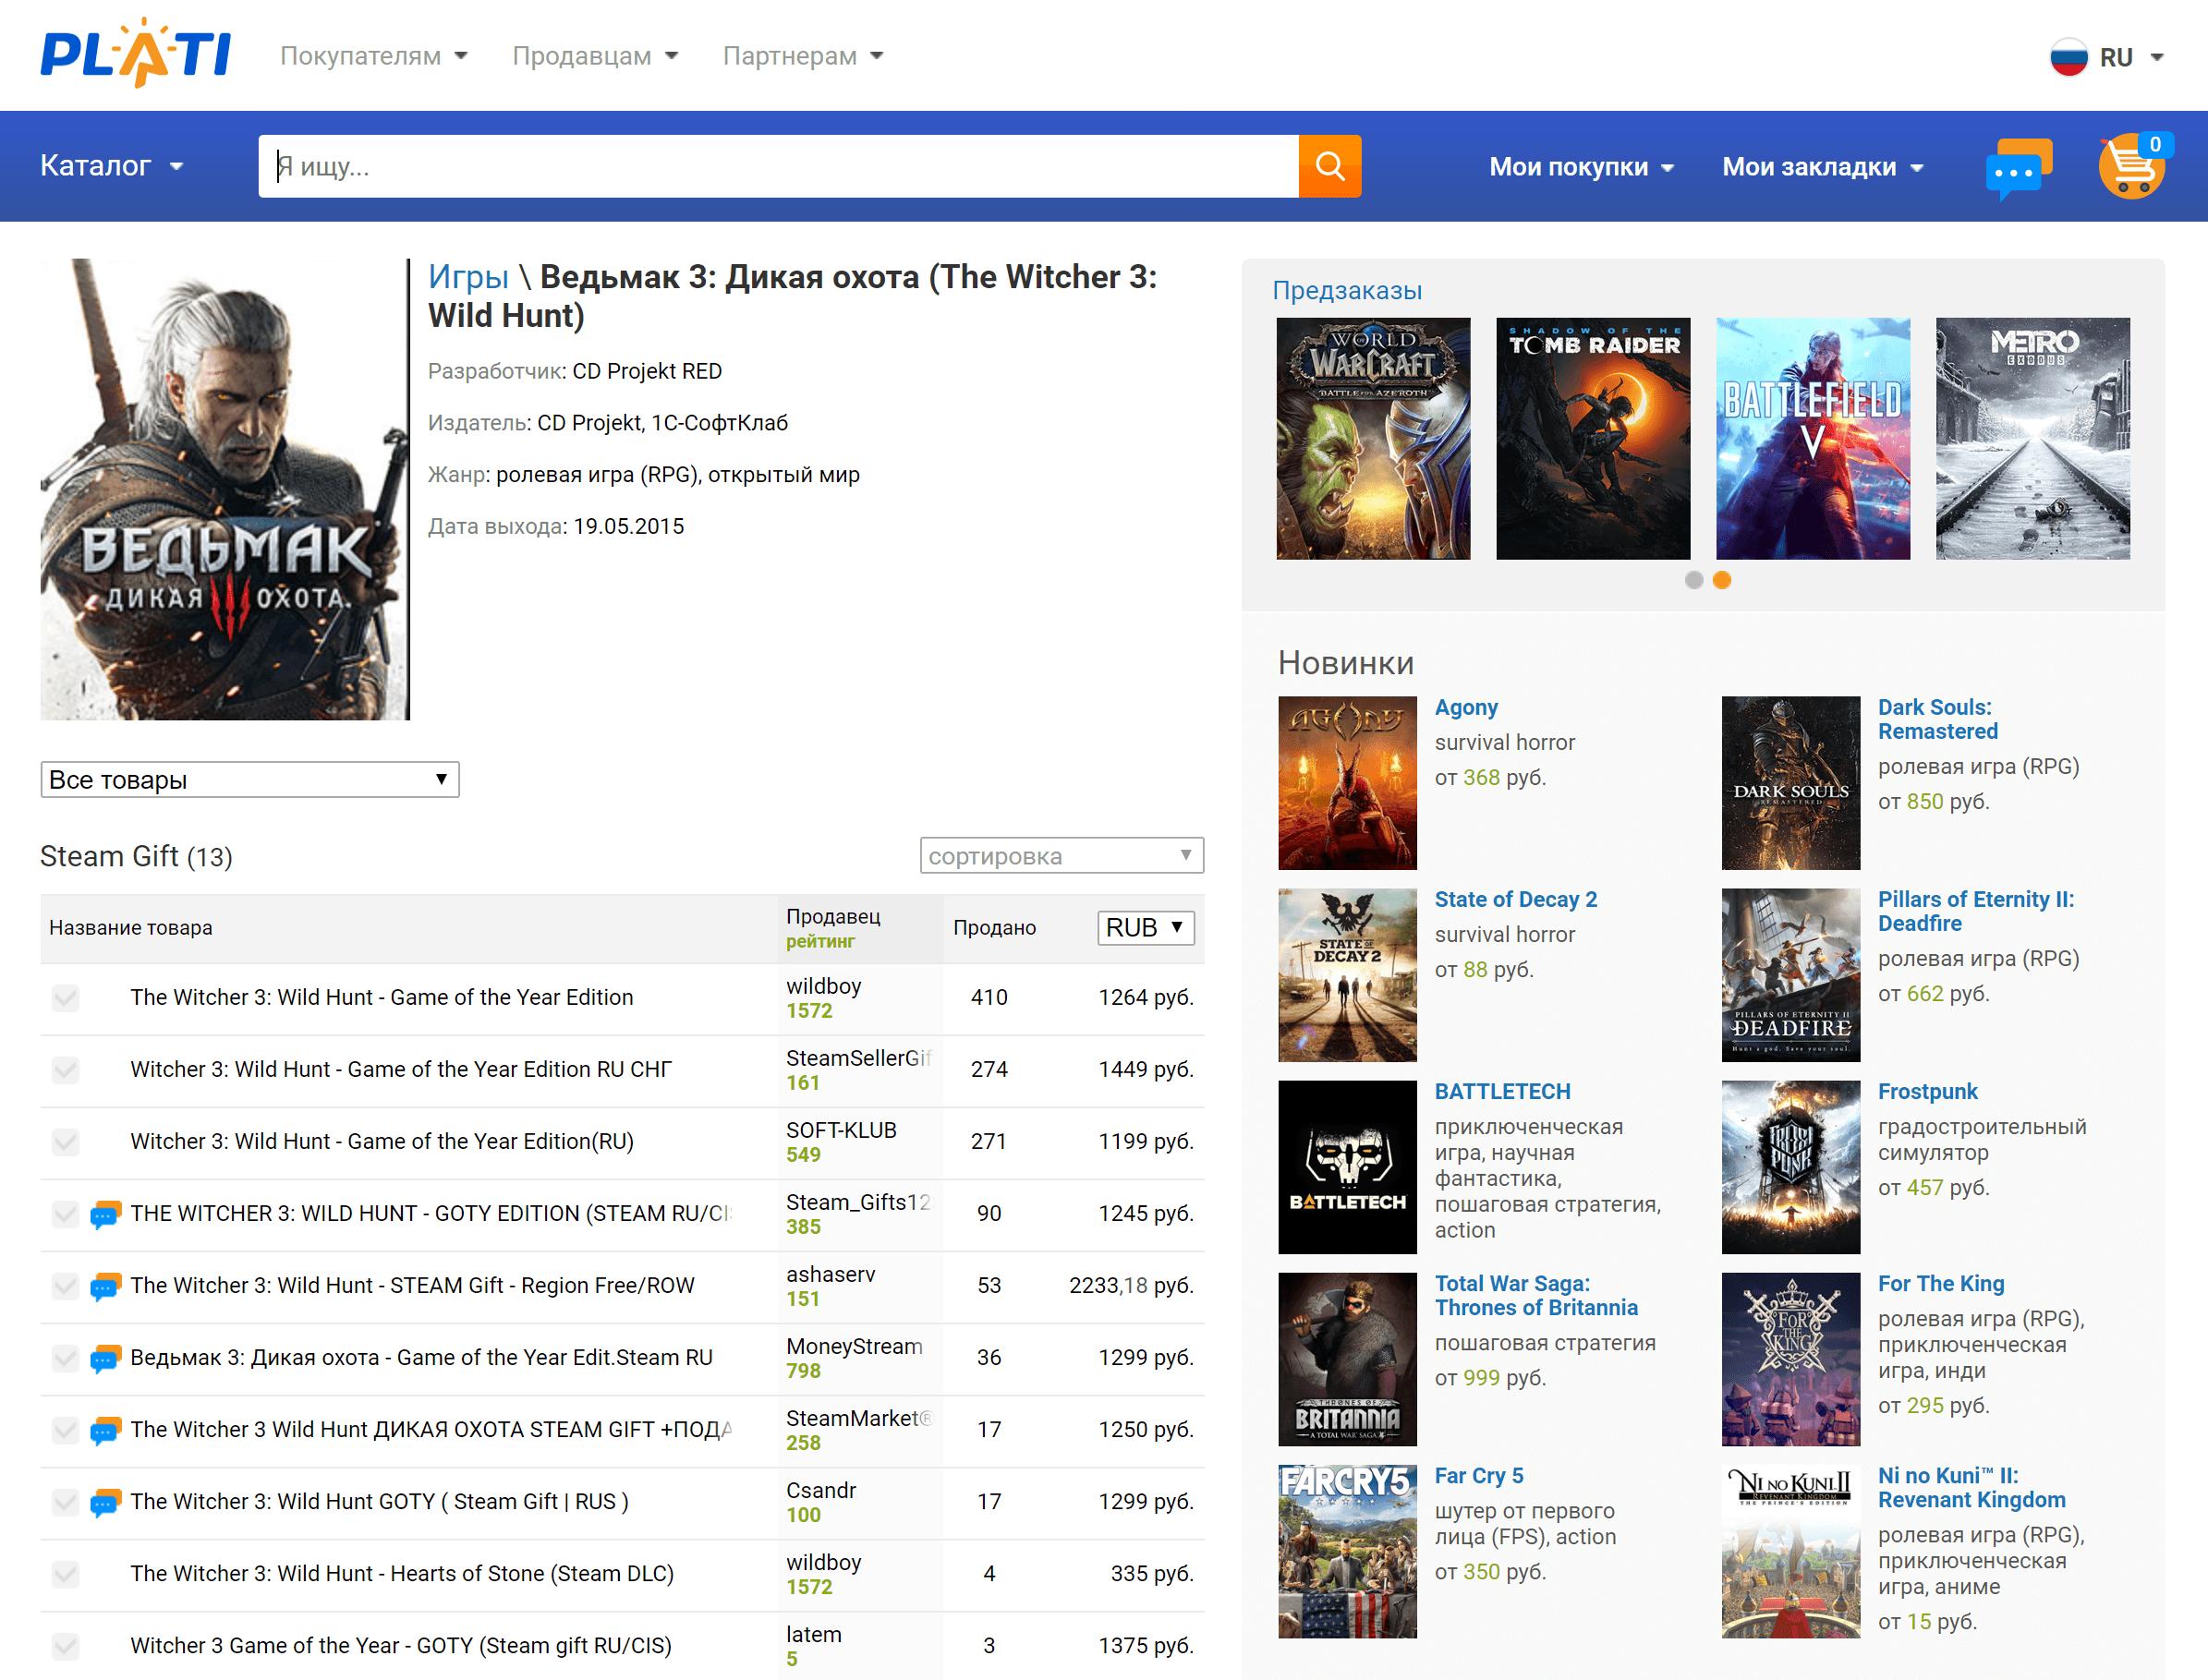 Некоторые торговцы продают игры со скидкой на специальных сайтах. Нам это было неинтересно: у нас уже была репутация и база клиентов, мы не видели смысла платить комиссию сторонней площадке